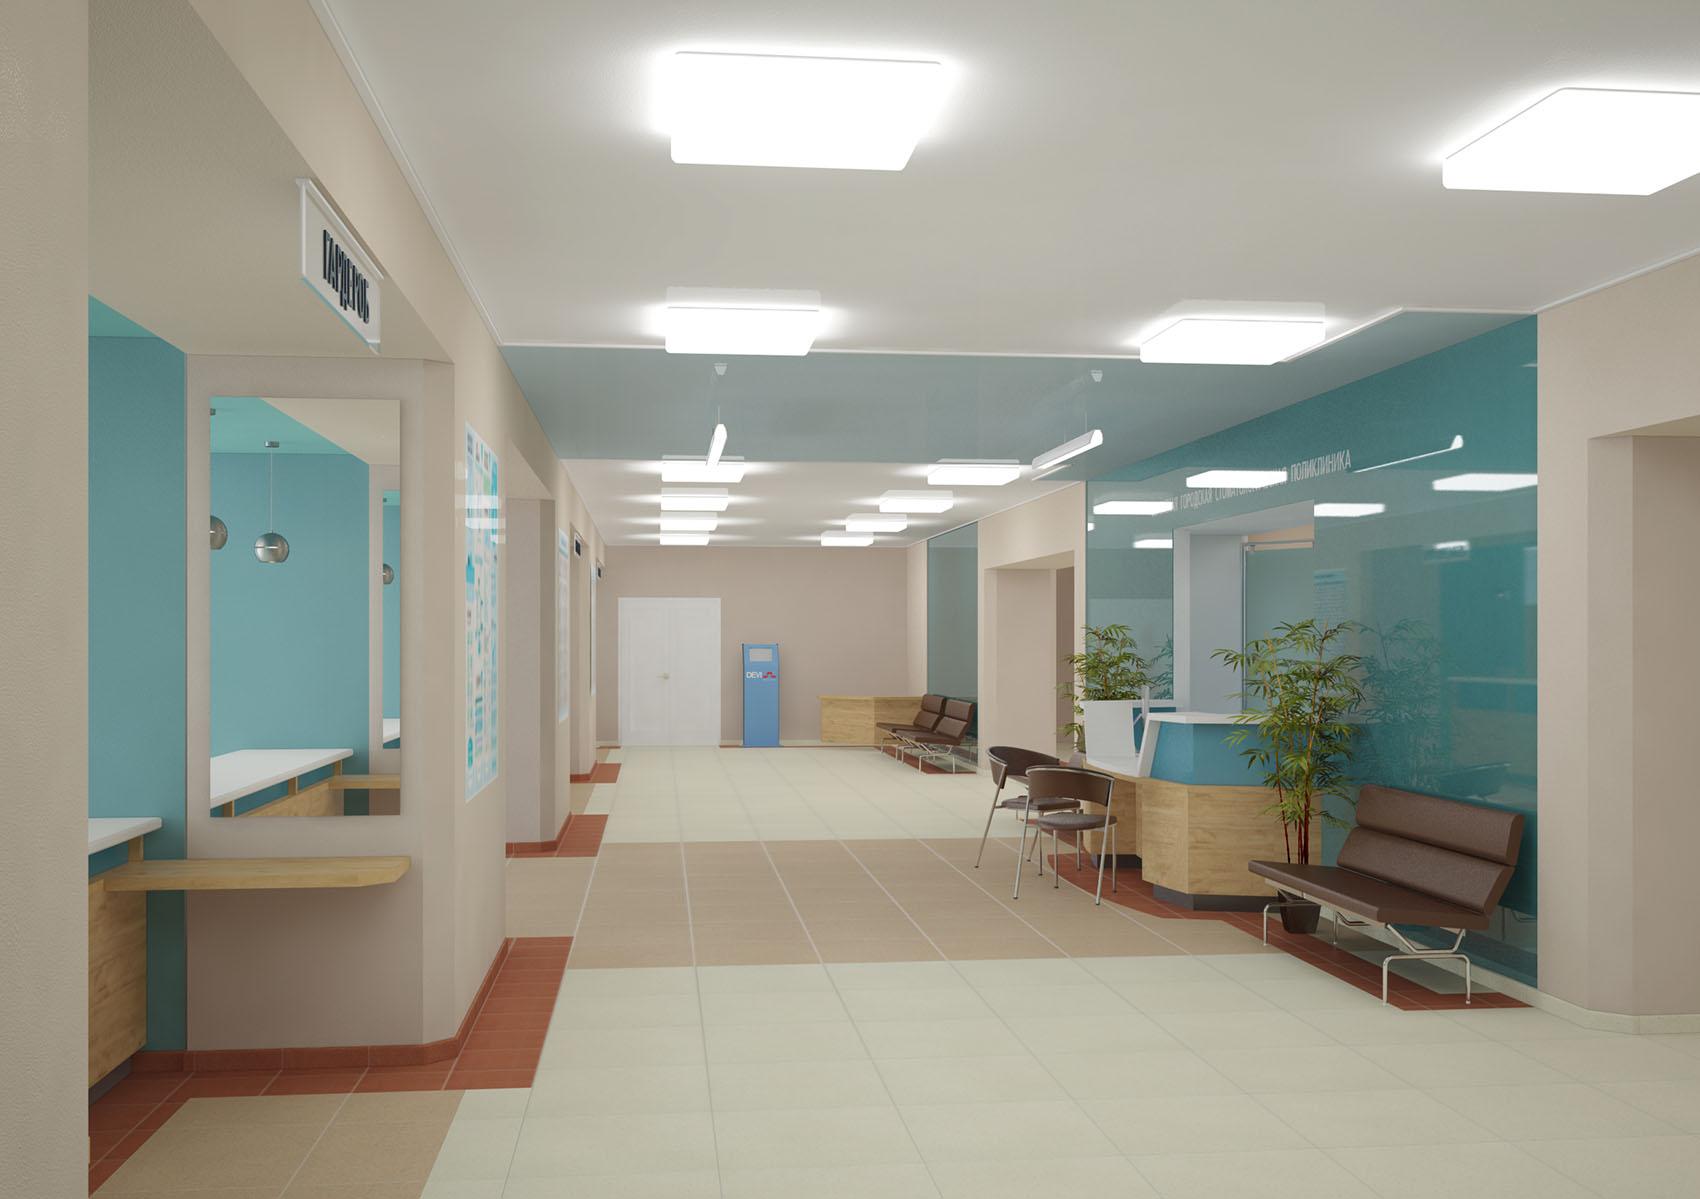 76 детская поликлиника москва расписание врачей